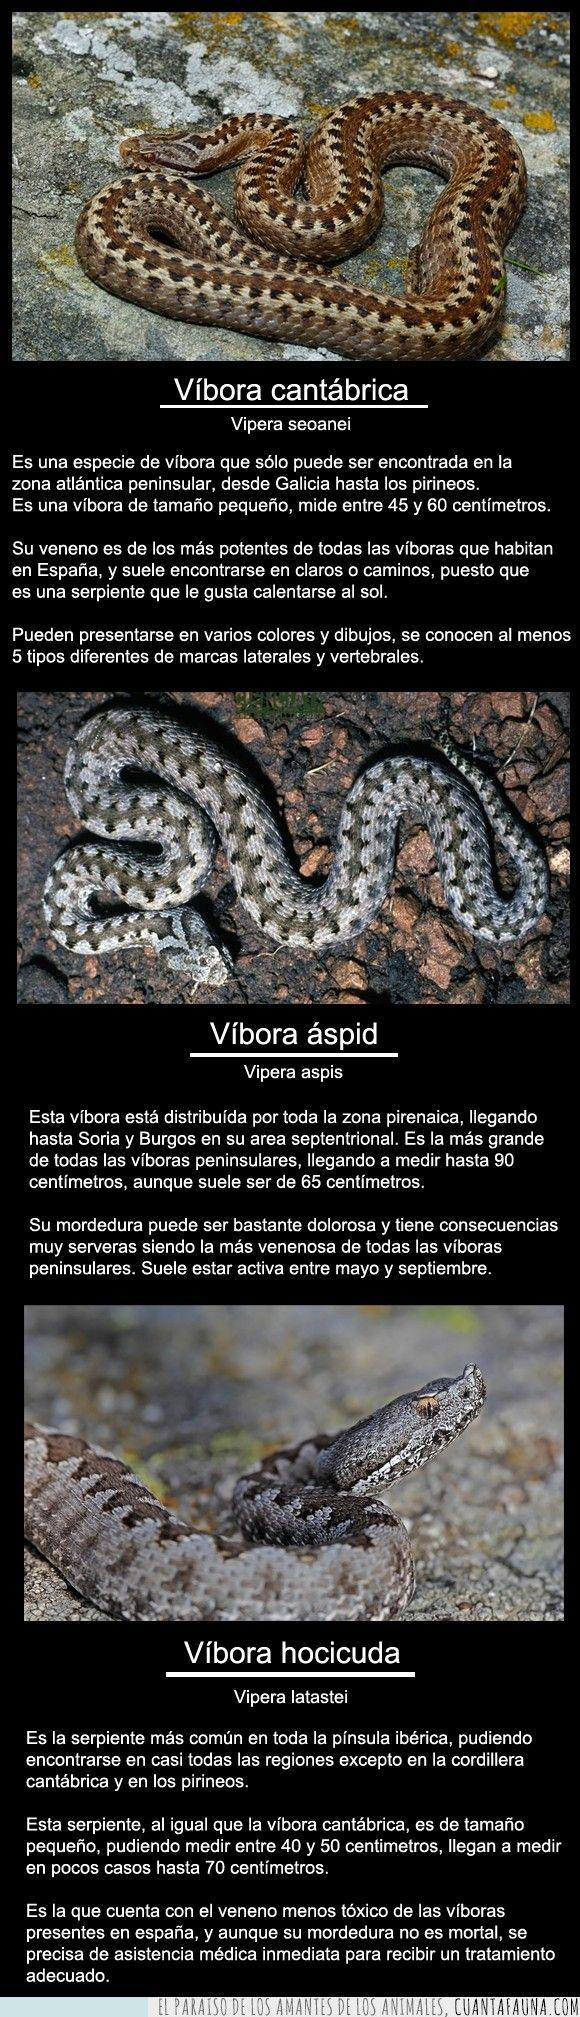 Serpientes venenosas en España